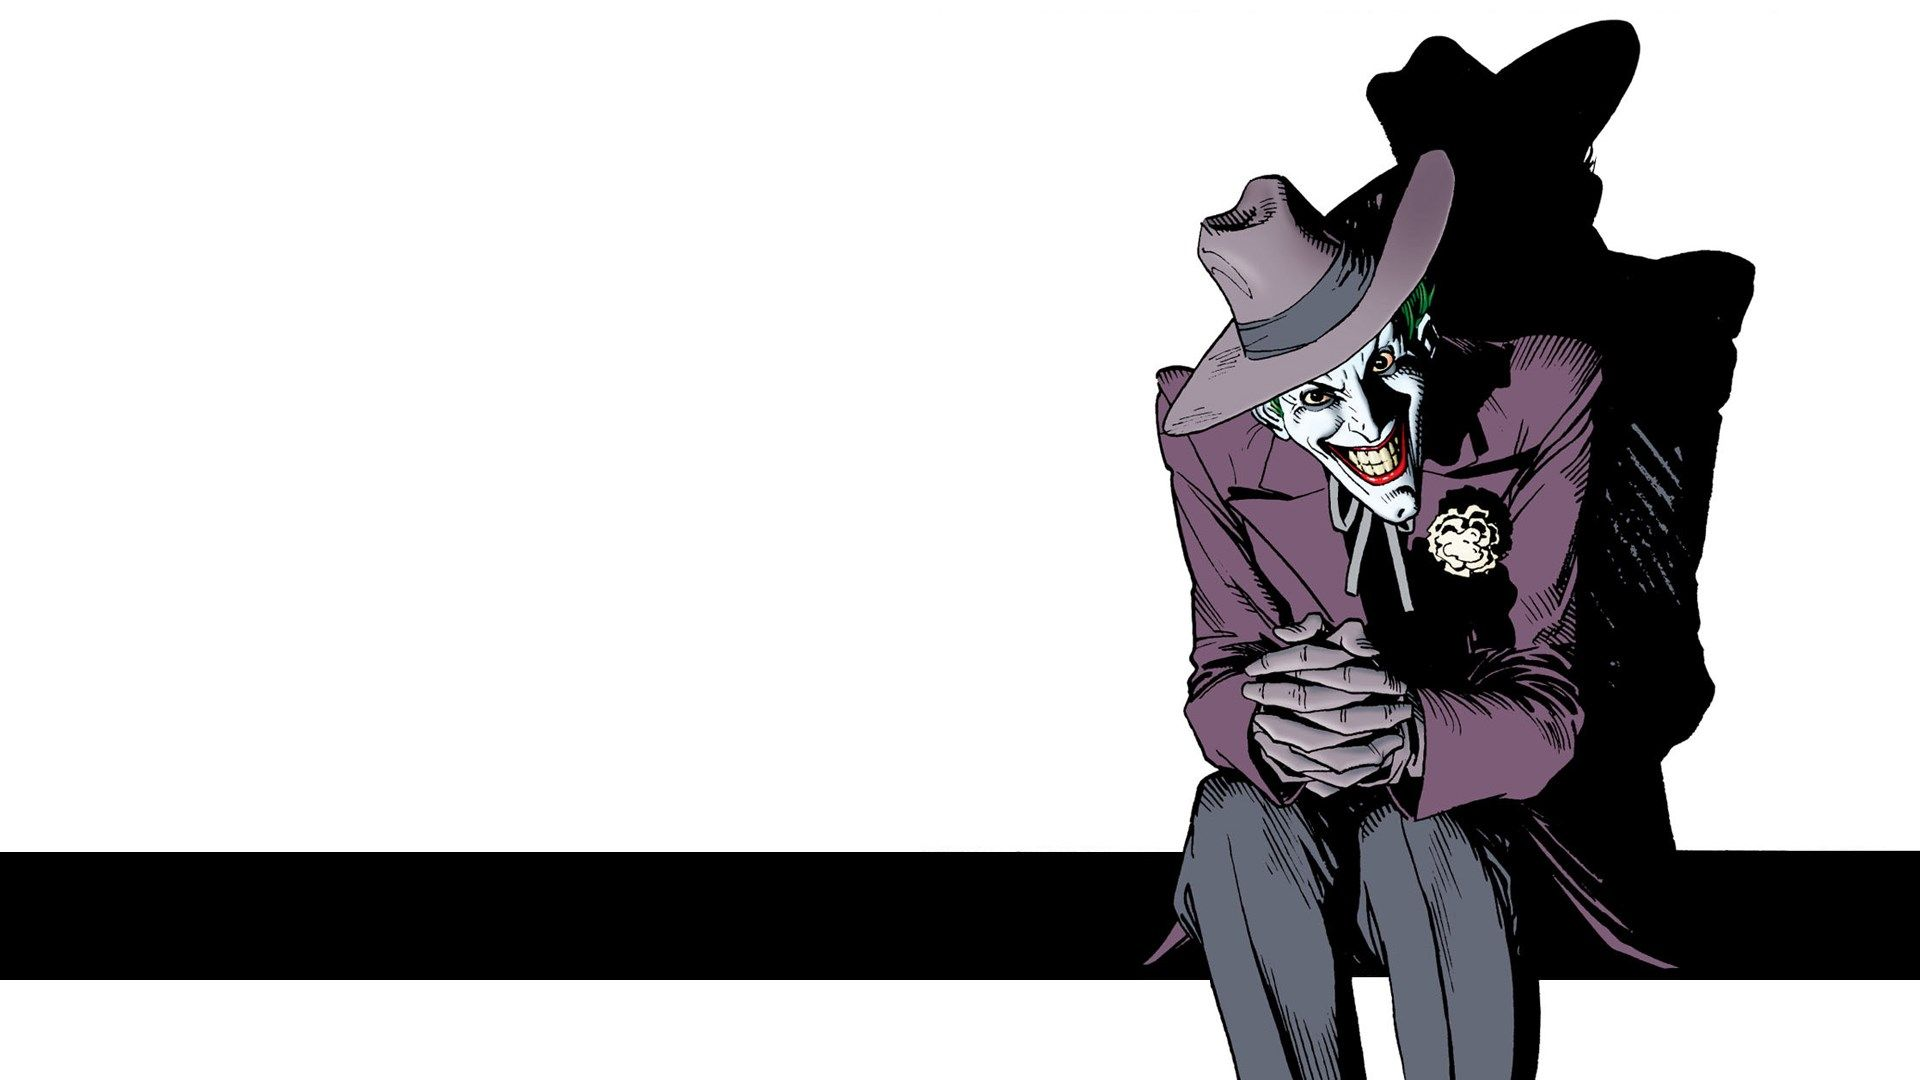 Joker Hd Widescreen Wallpapers For Laptop